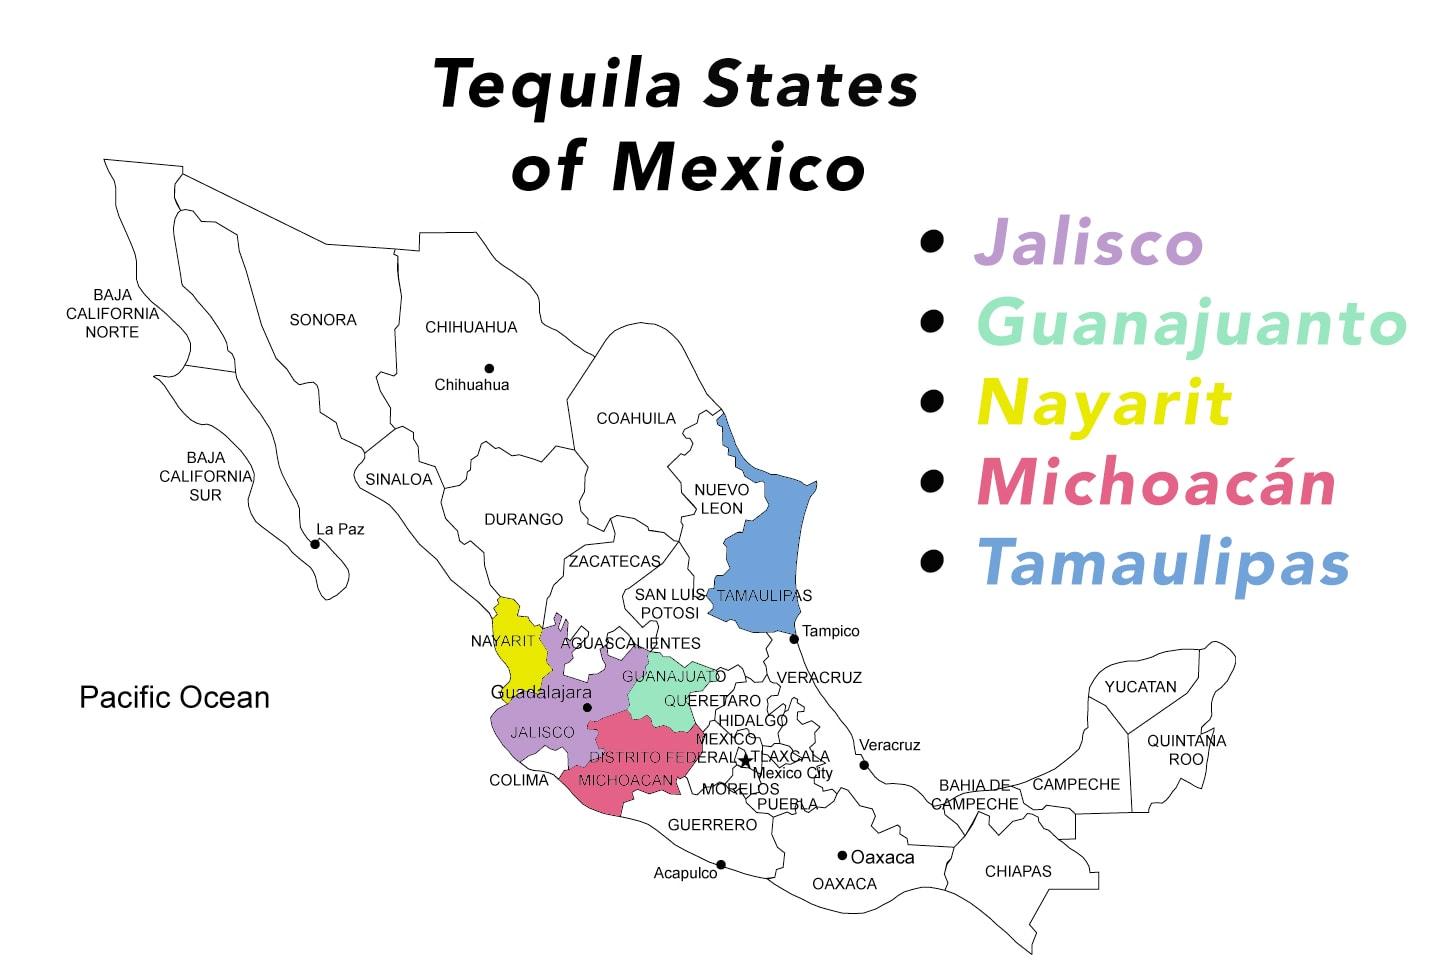 Estados tequileros de México: Jalisco, Guanajuato, Nayarit, Michoacán, y Tamaulipas